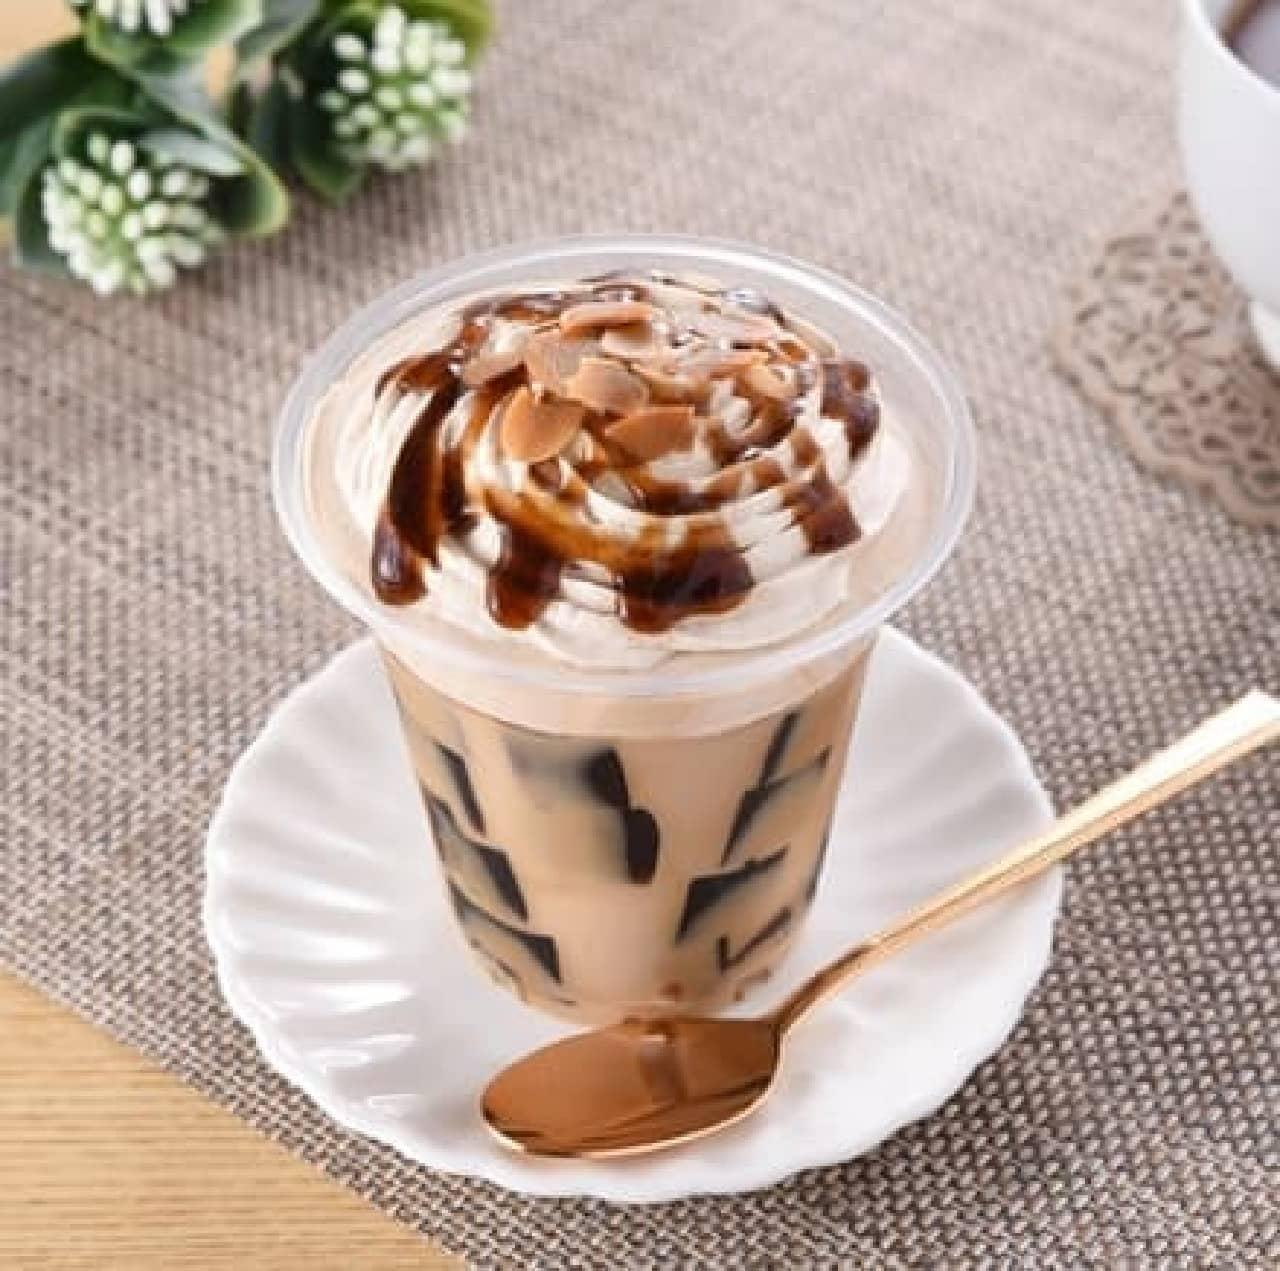 ファミリーマート「クリームたっぷりコーヒーゼリー」